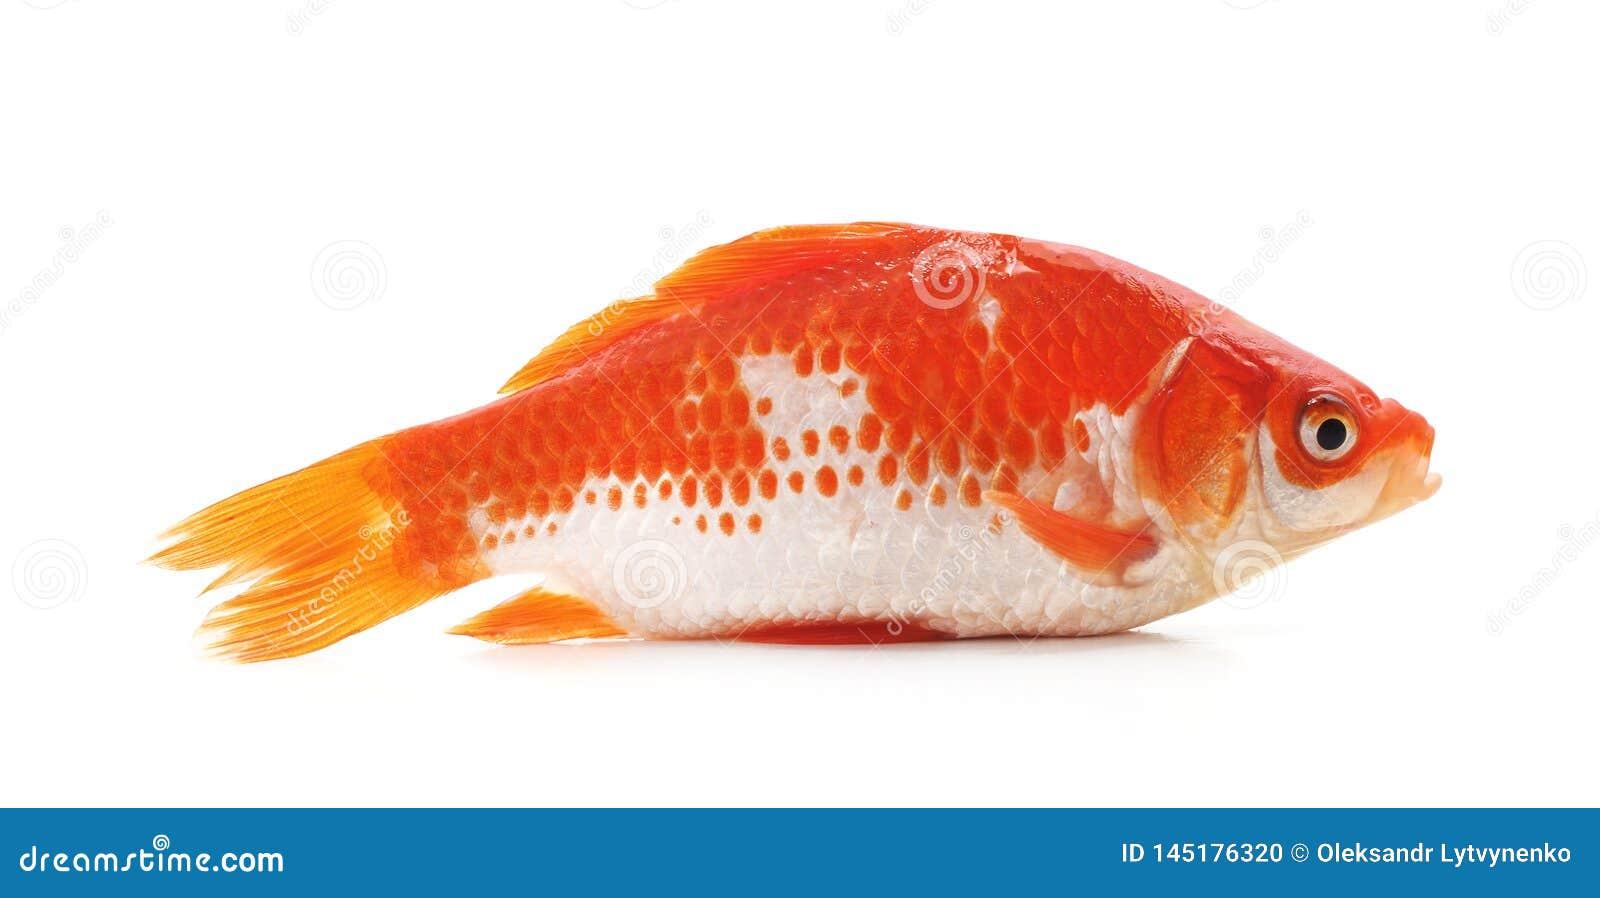 Goldfish on white background